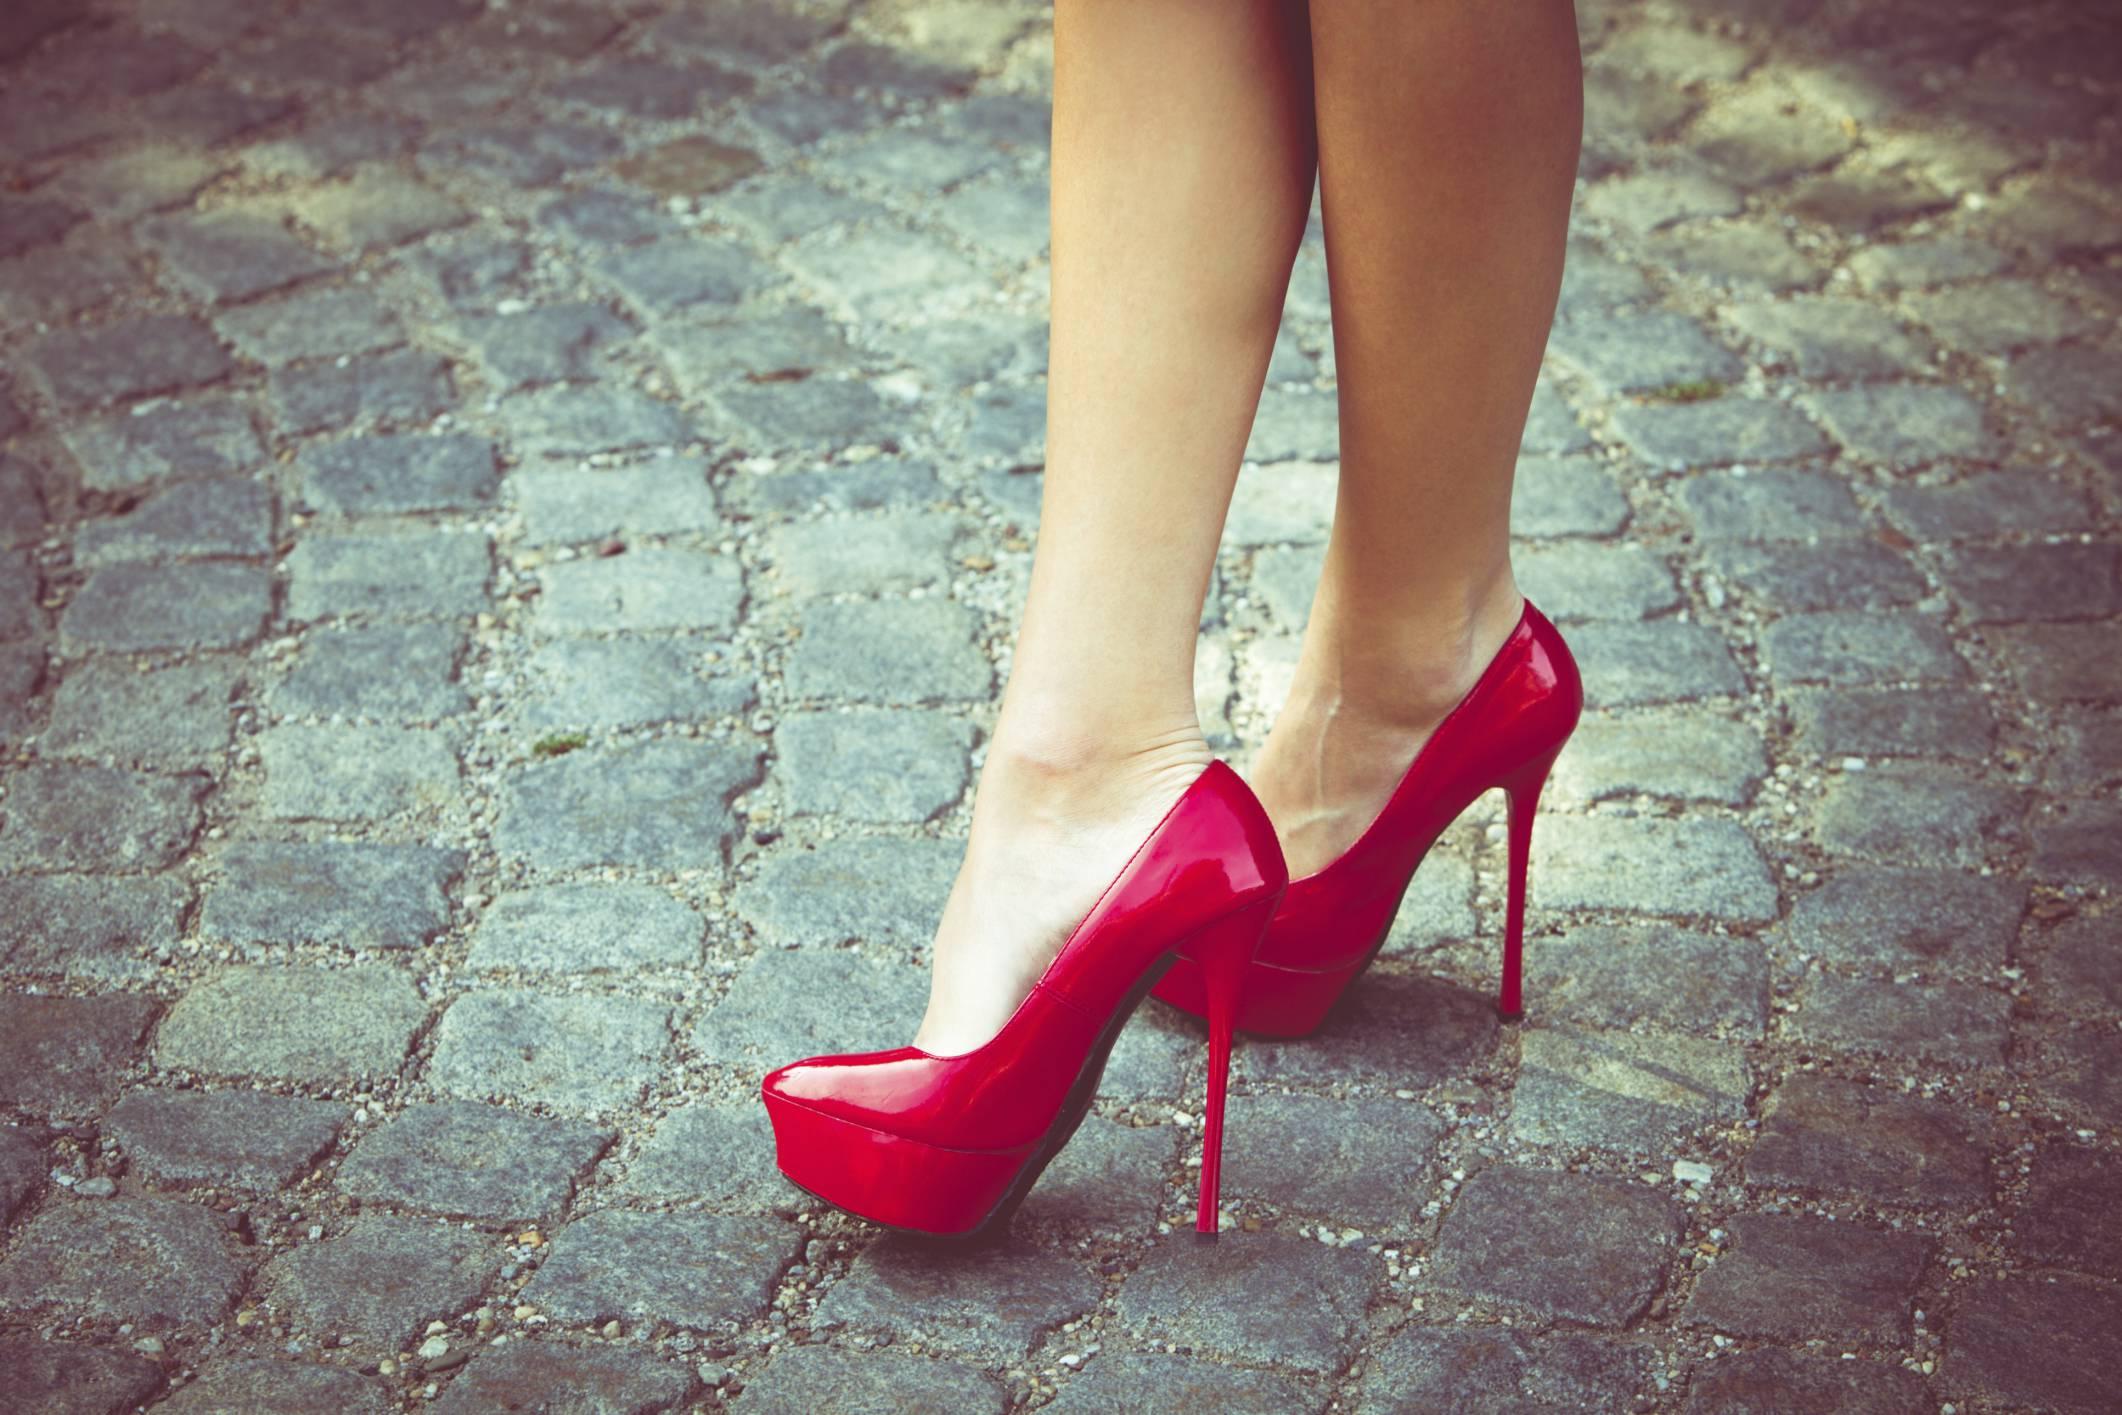 I tacchi alti rendono le donne più attraenti lo dice la scienza